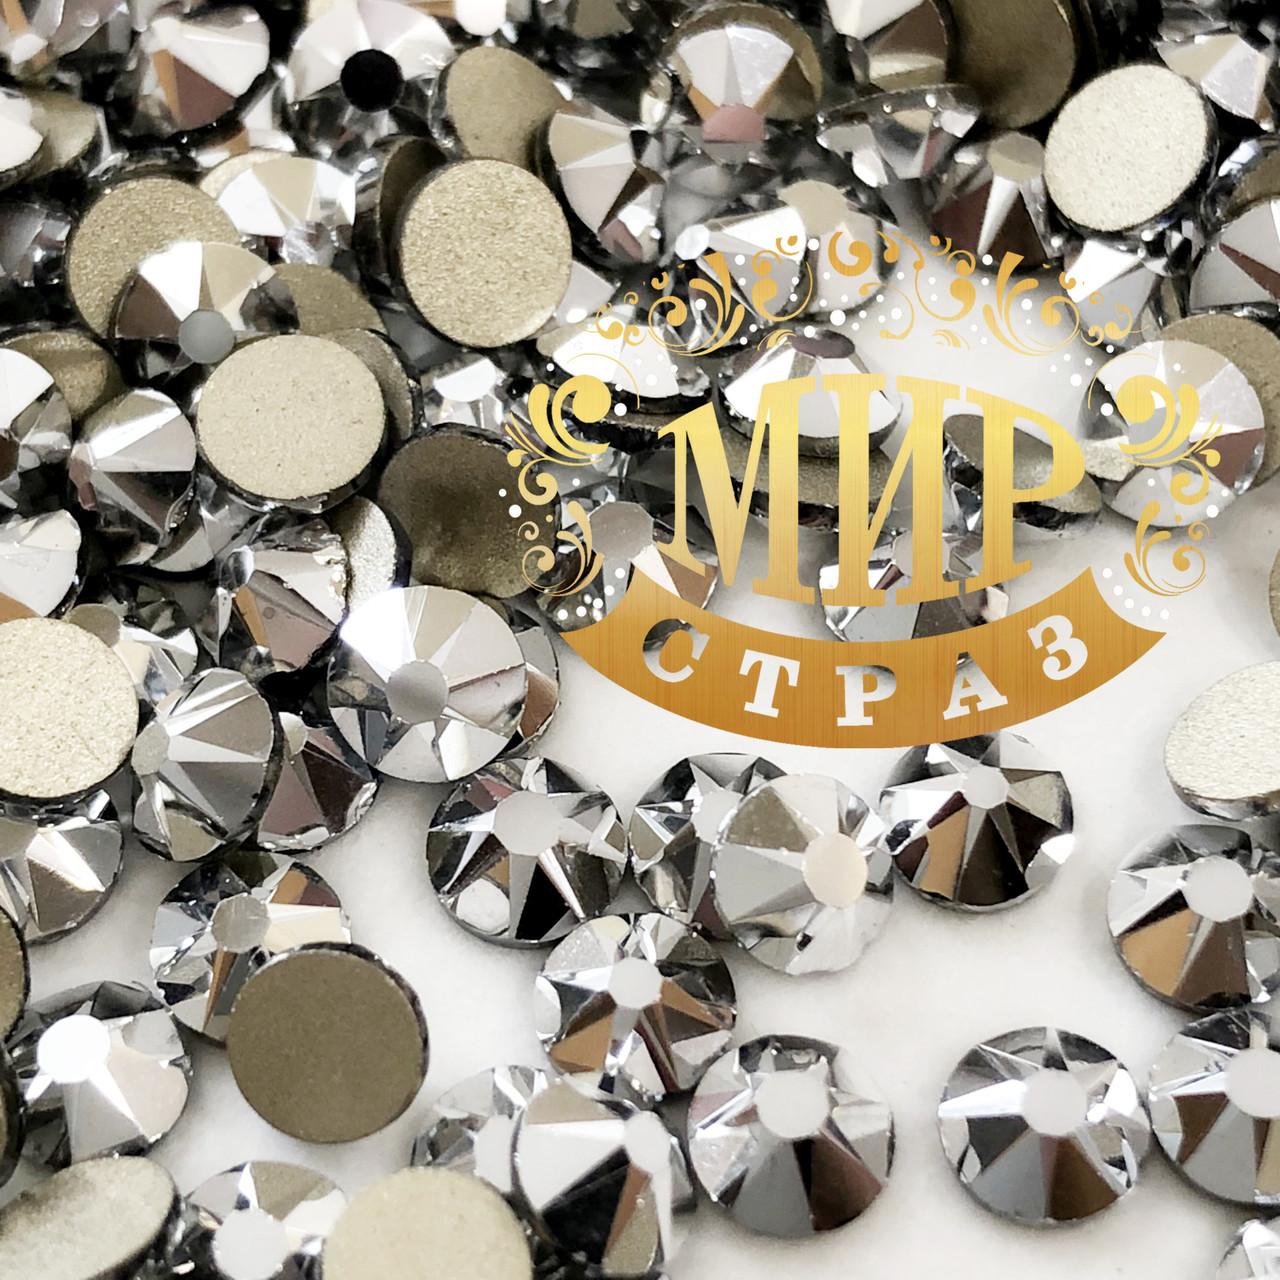 Стразы Xirius Crystals, цвет Labrador, ss20 (4,6-4,8 мм), 100 шт